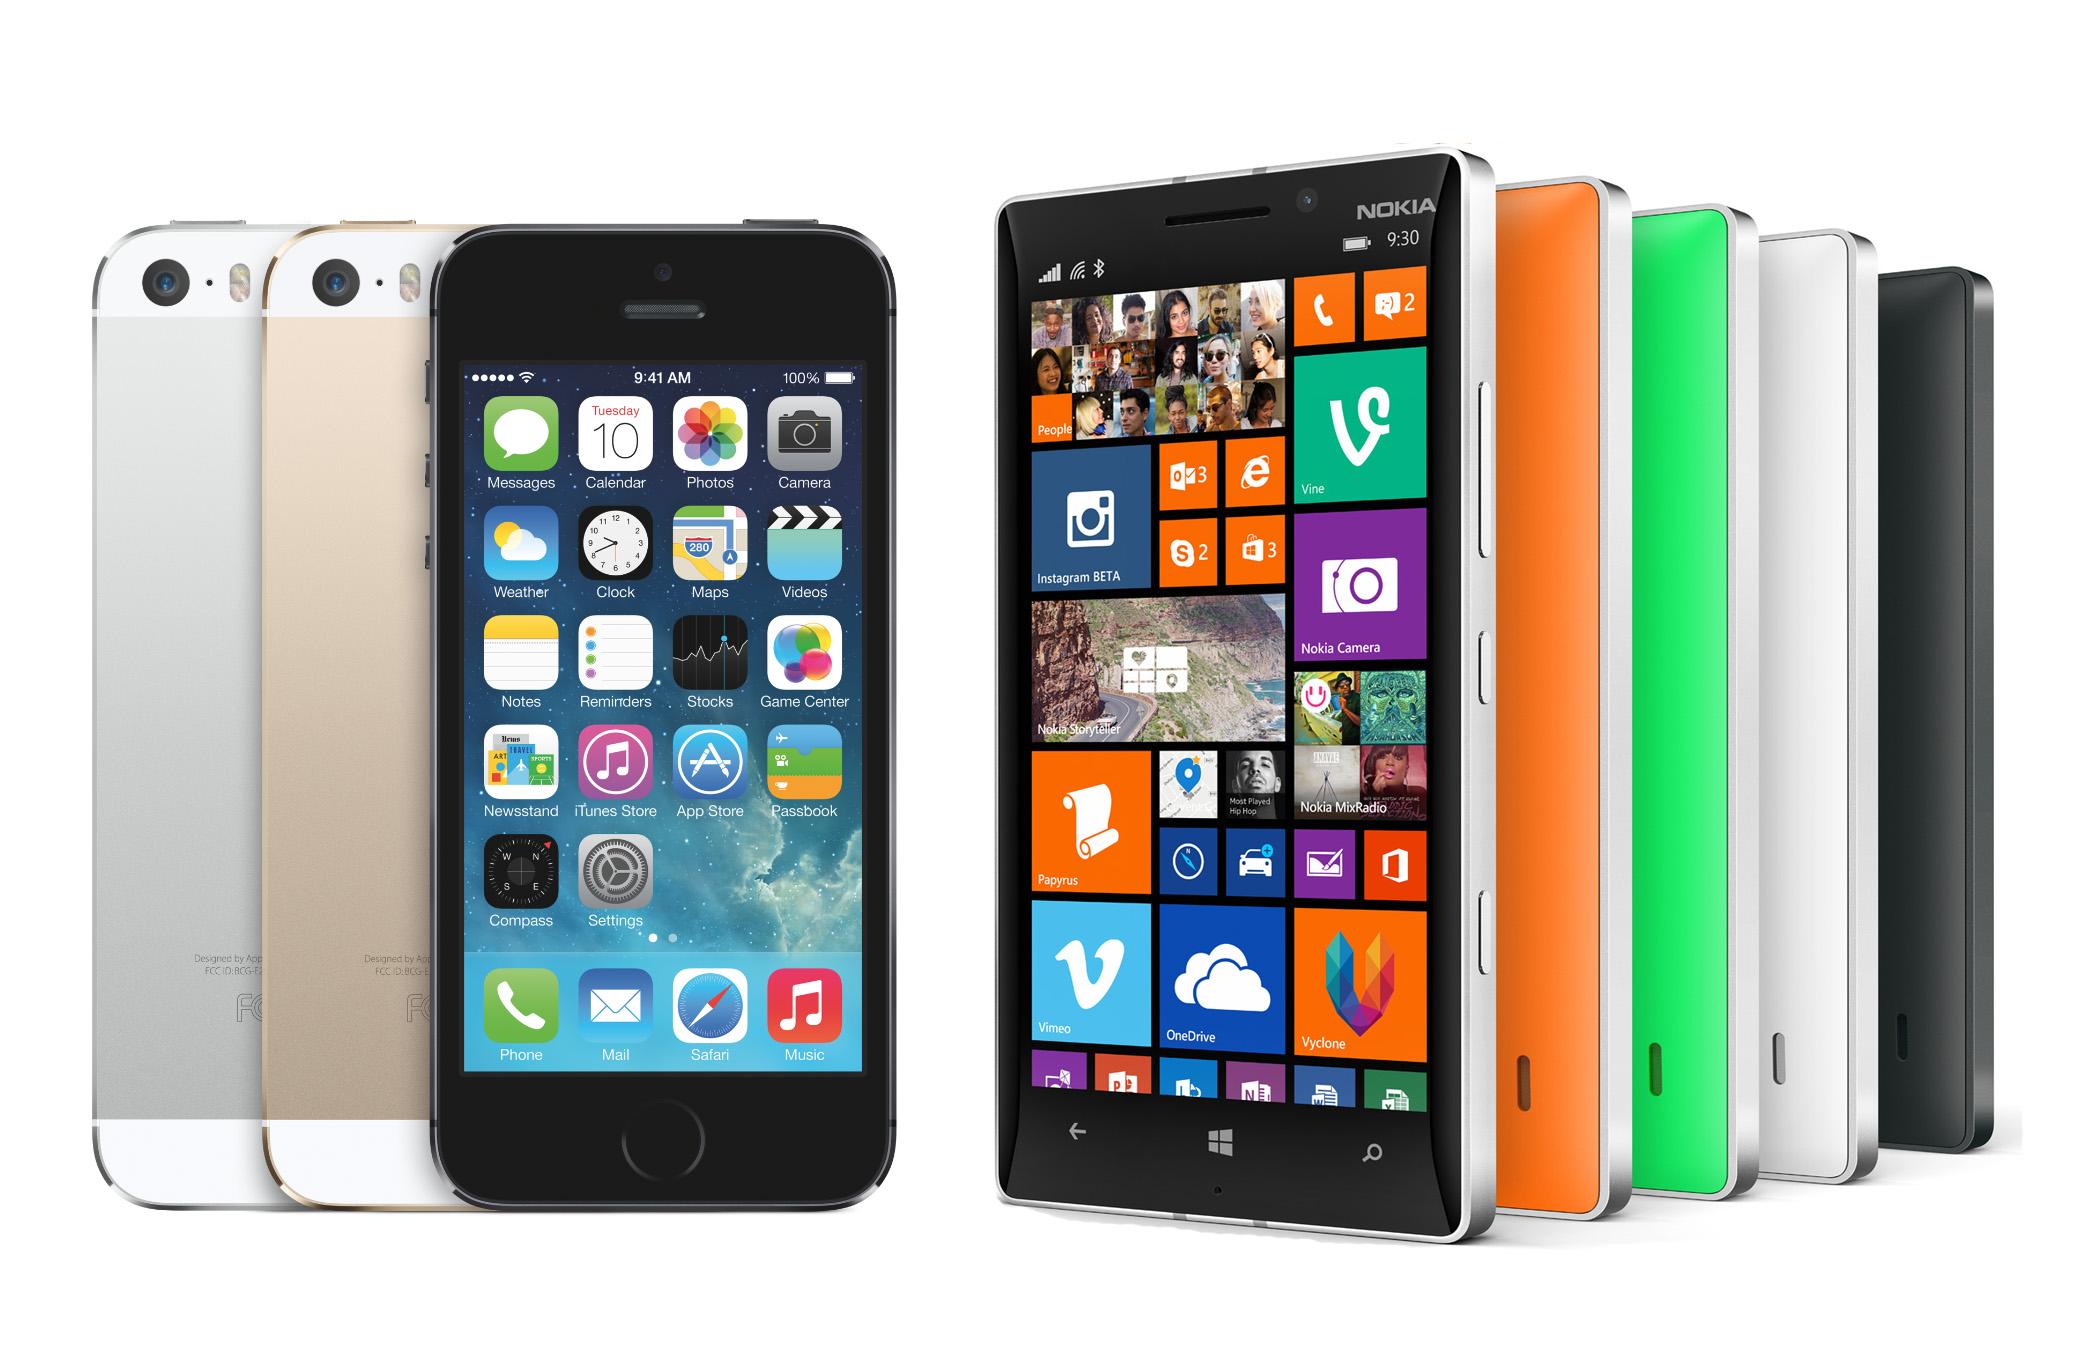 Vertaa, apple iPhone 8 puhelimia, vertaa.FI Apple iPhone 8 64Gt RED puhelin, vertaa.FI